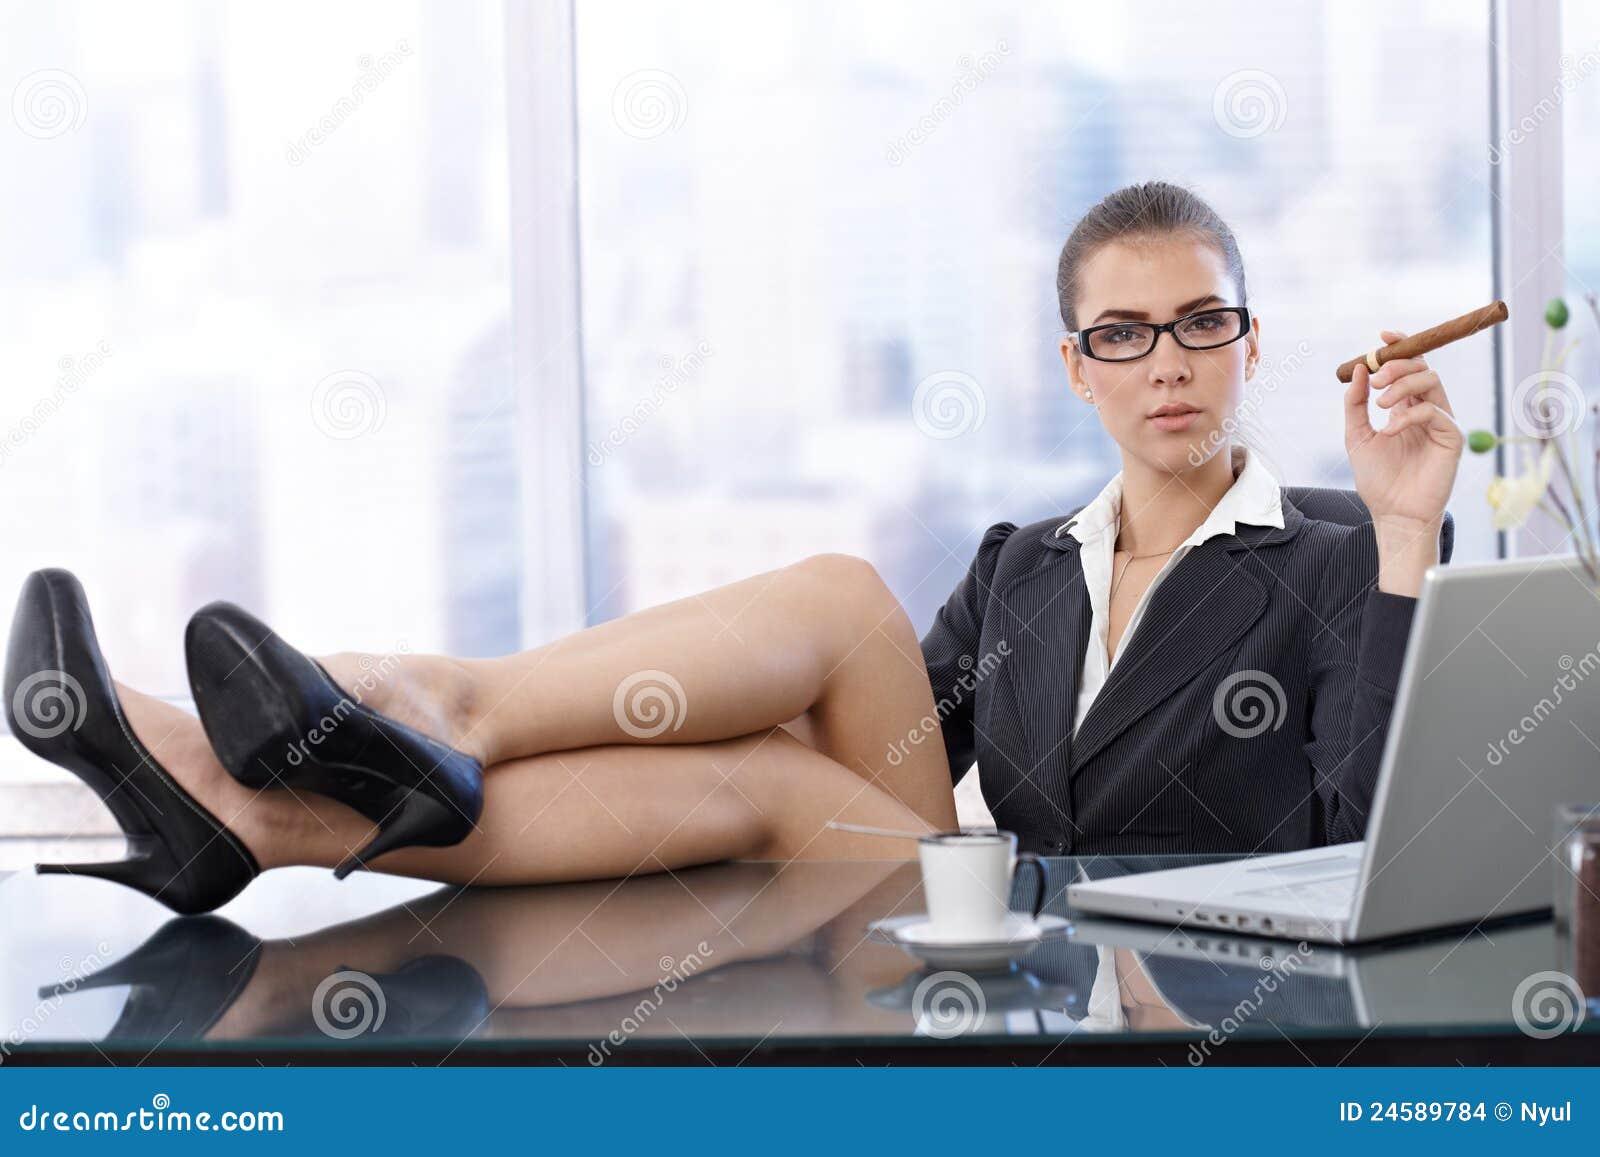 Трахнул прямо на рабочем месте, Порно в офисе. Секс с секретаршей 24 фотография